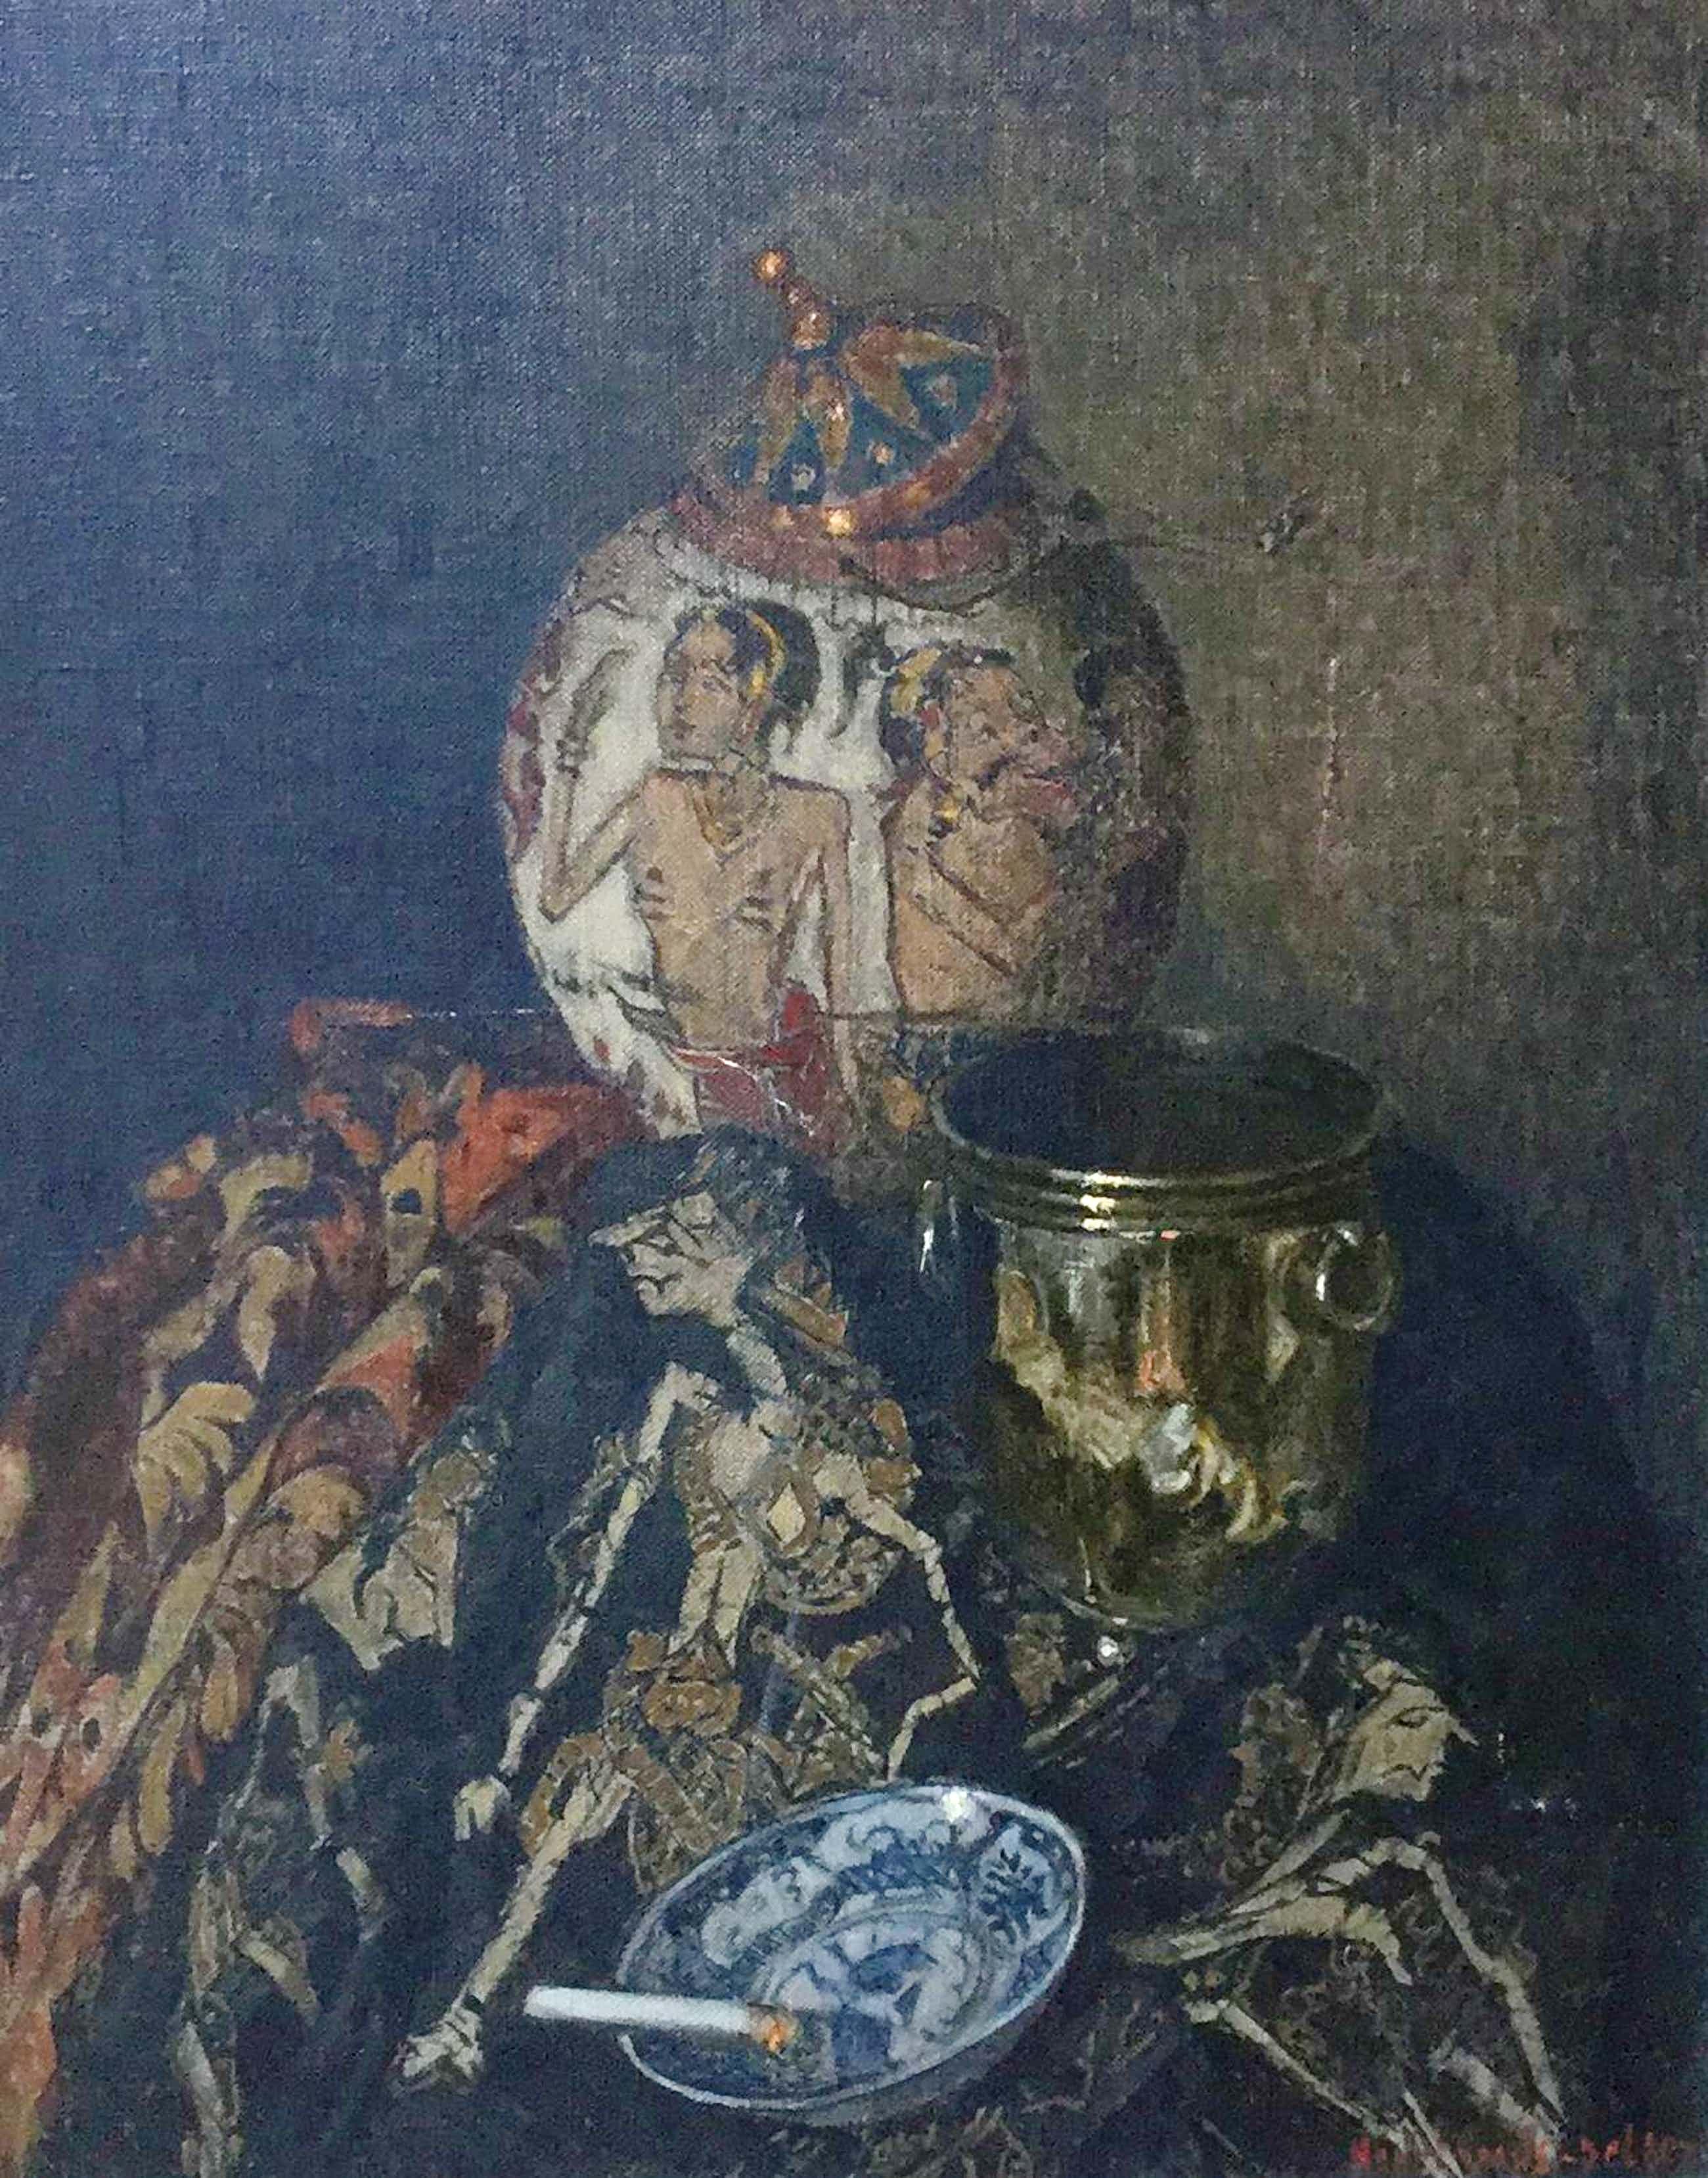 Henri van Os-Delhez - C4629, Stilleven met Indonesische Wajangpoppen, Chinees porselein en zilver kopen? Bied vanaf 600!